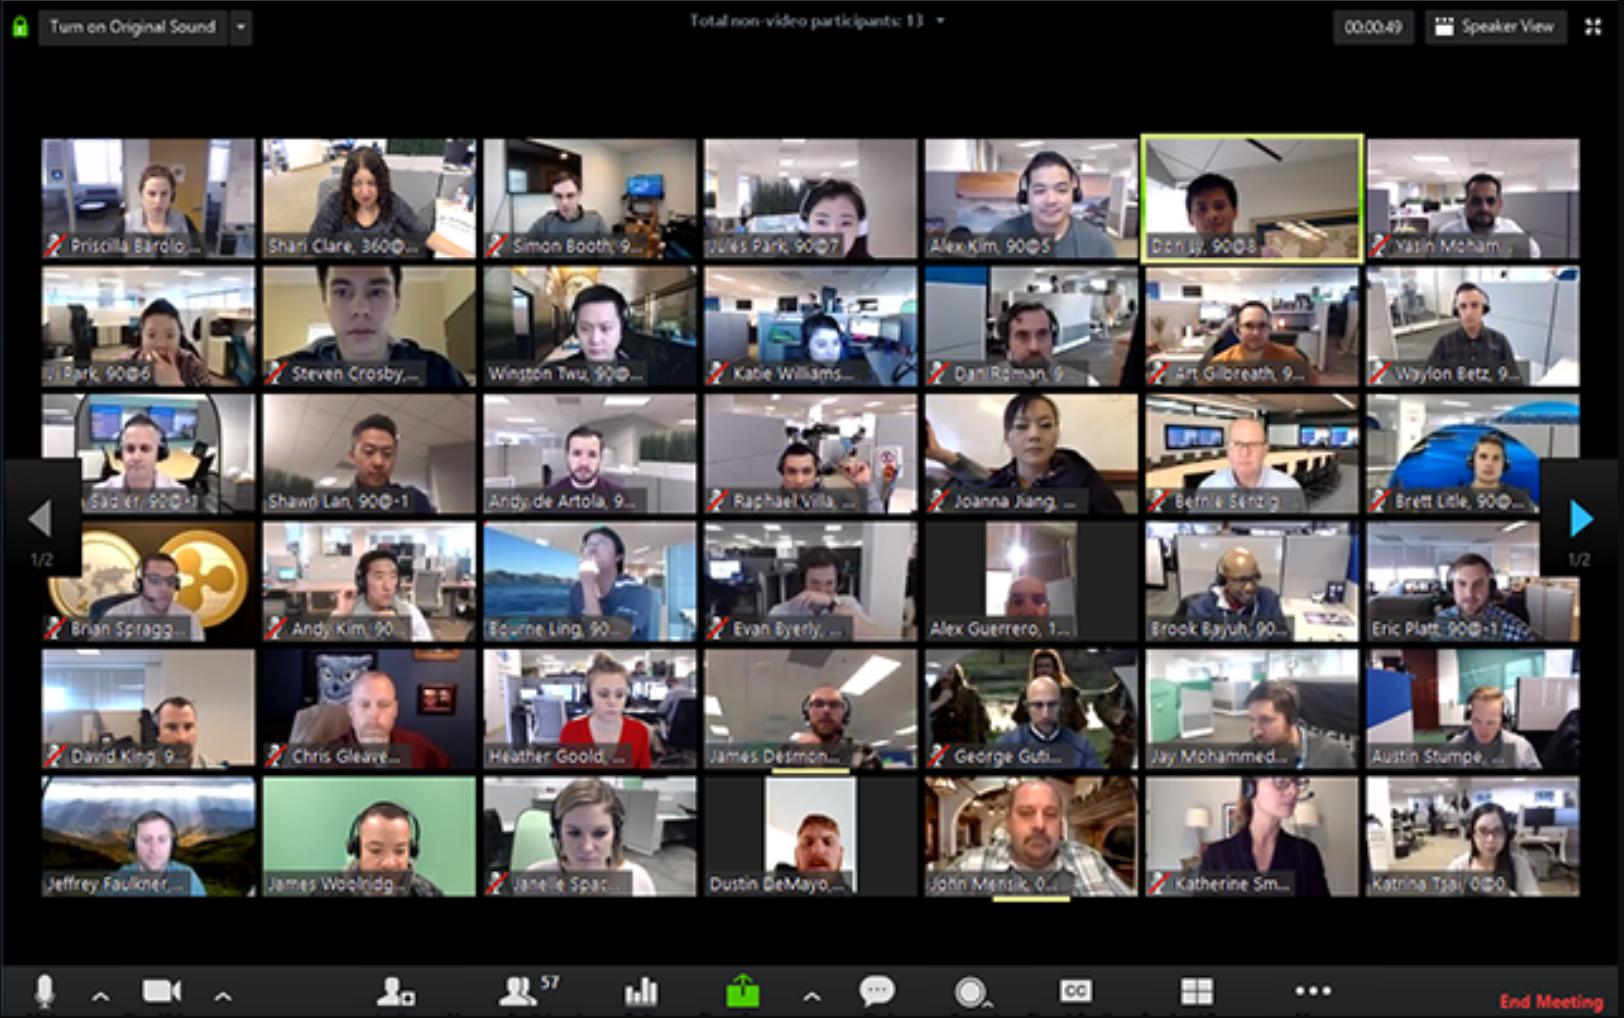 Capture d'écran 2020-04-20 à 19.26.22